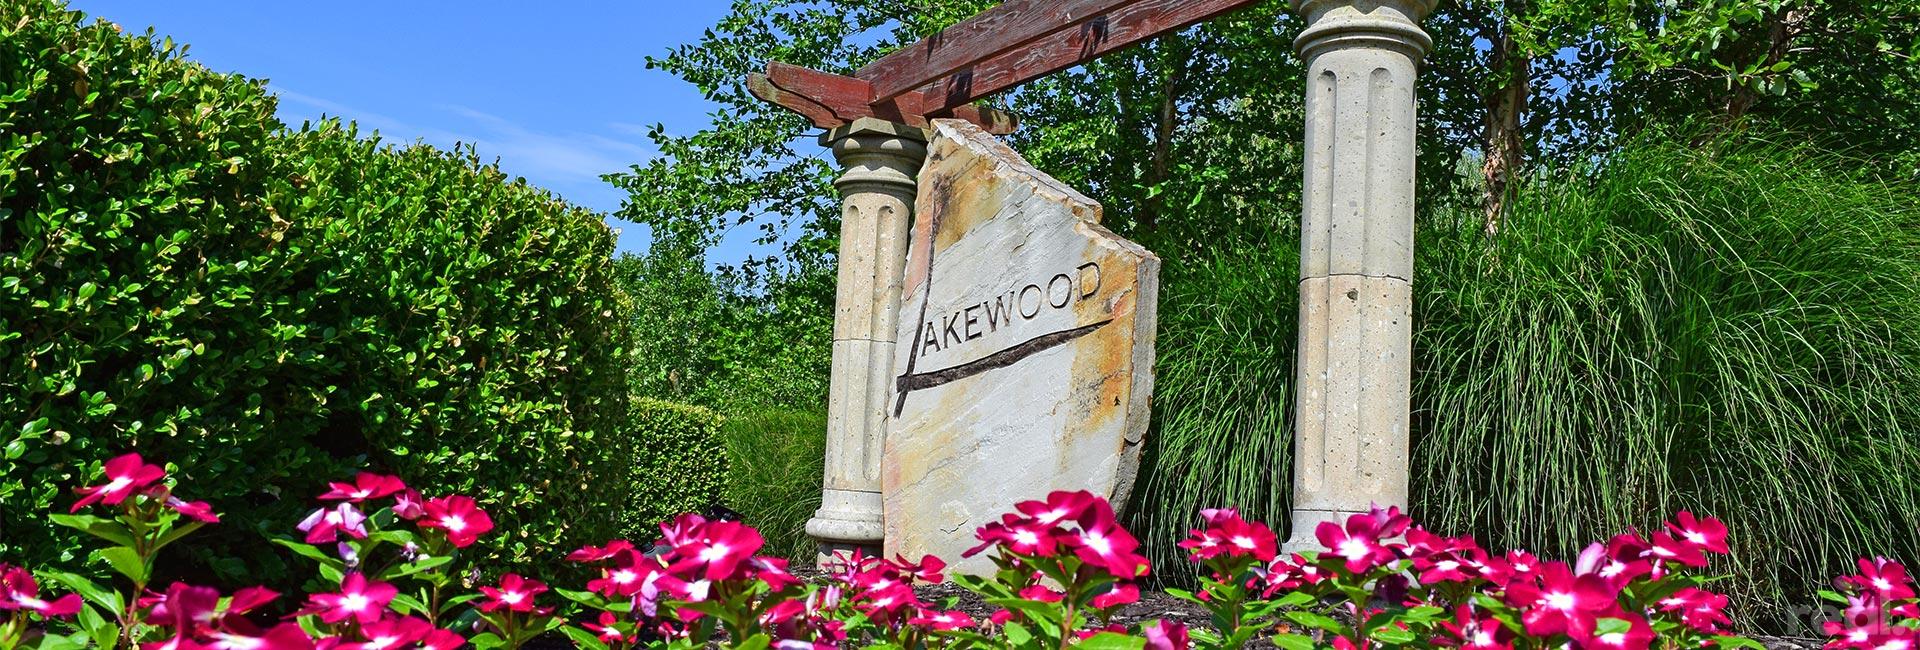 Lakewood Fayetteville Neighborhood Northwest Arkansas Homenwa